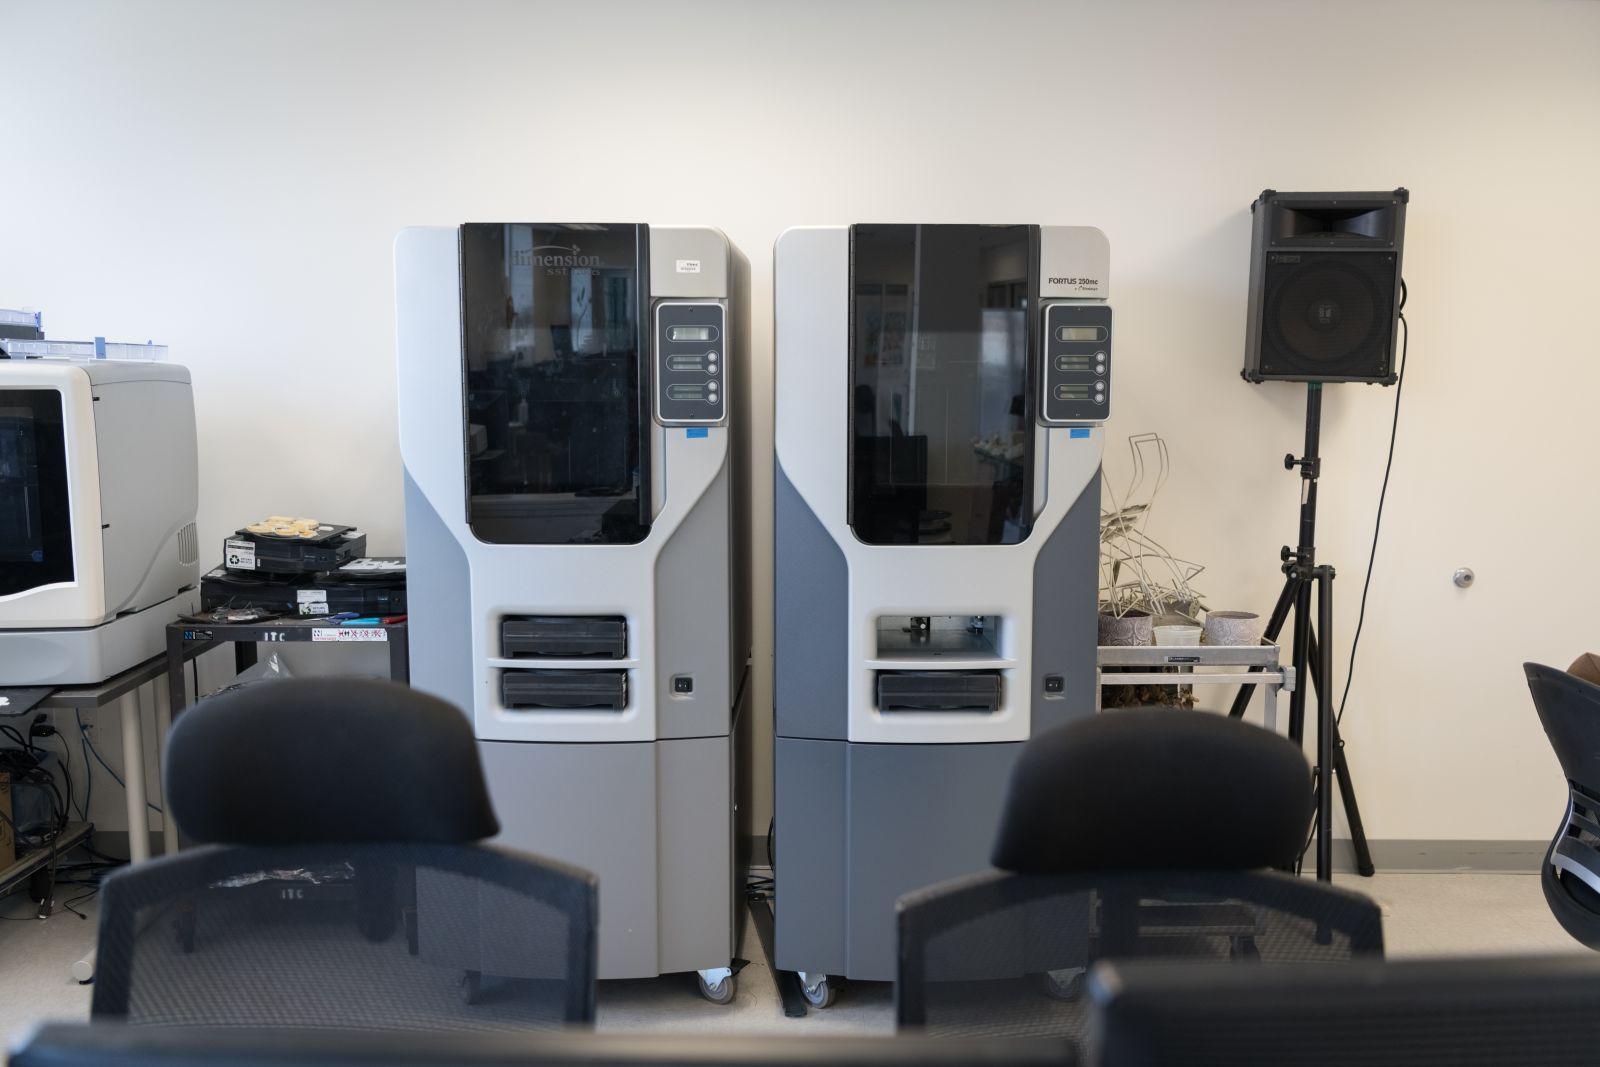 Fortus 3D printers